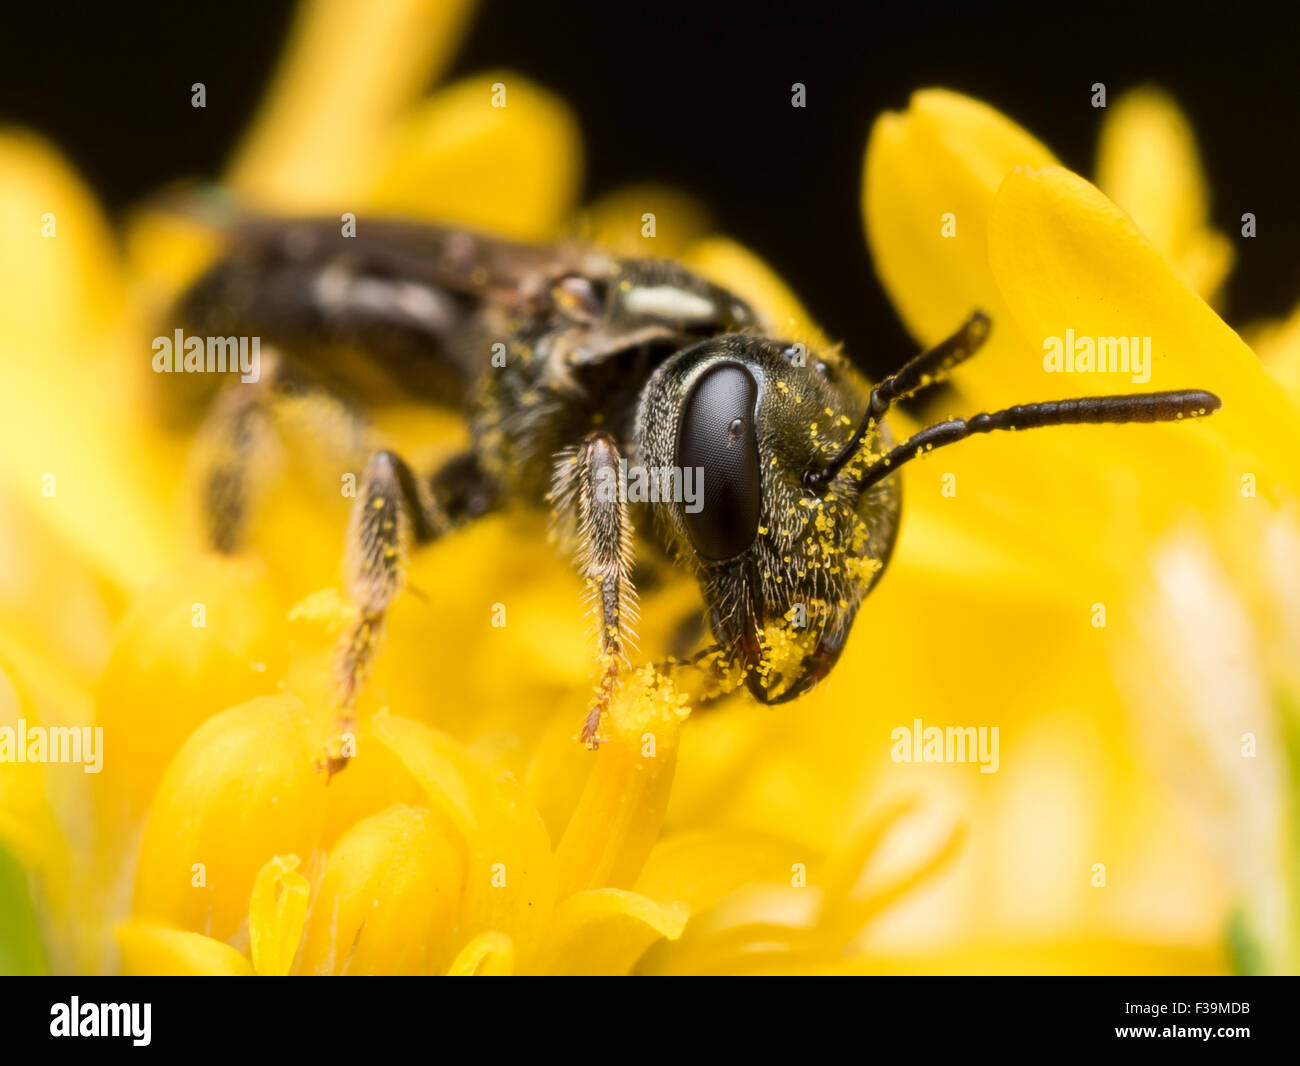 Dunkle Biene in Schweiß (Früchte) extrahiert Pollen aus einer gelben Blume Stockbild